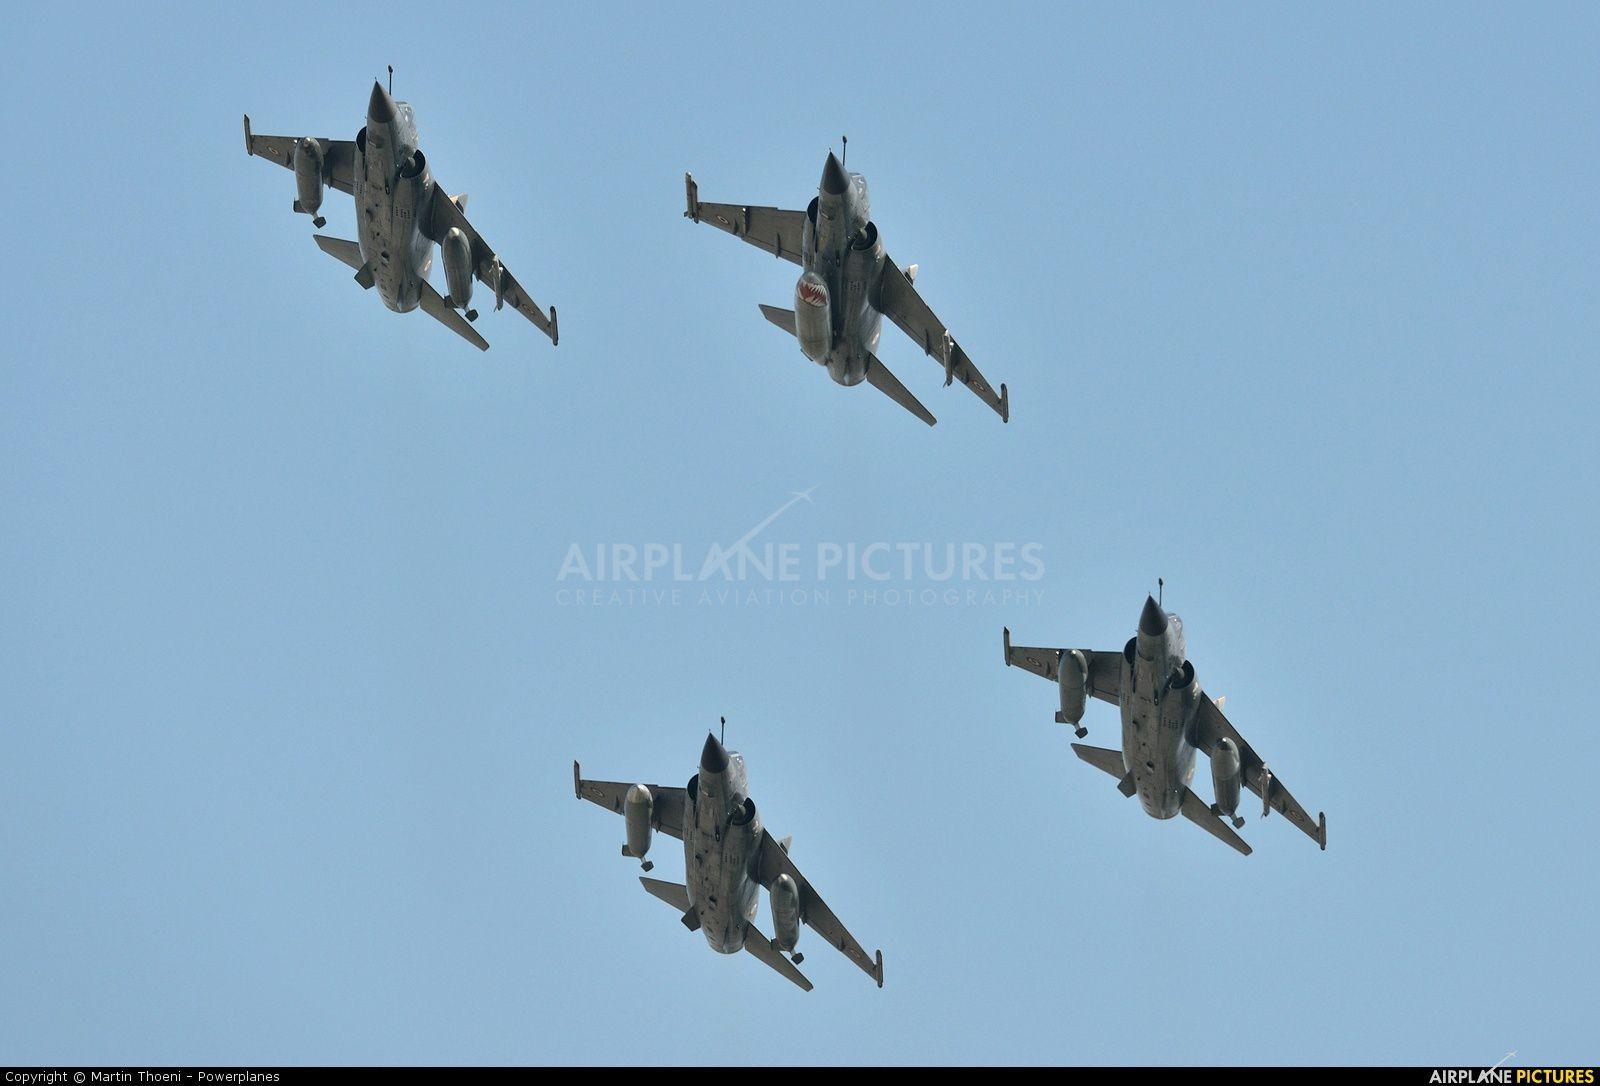 Reportage photos - Des Mirage F1-CR en Suisse pour faire un dernier adieu